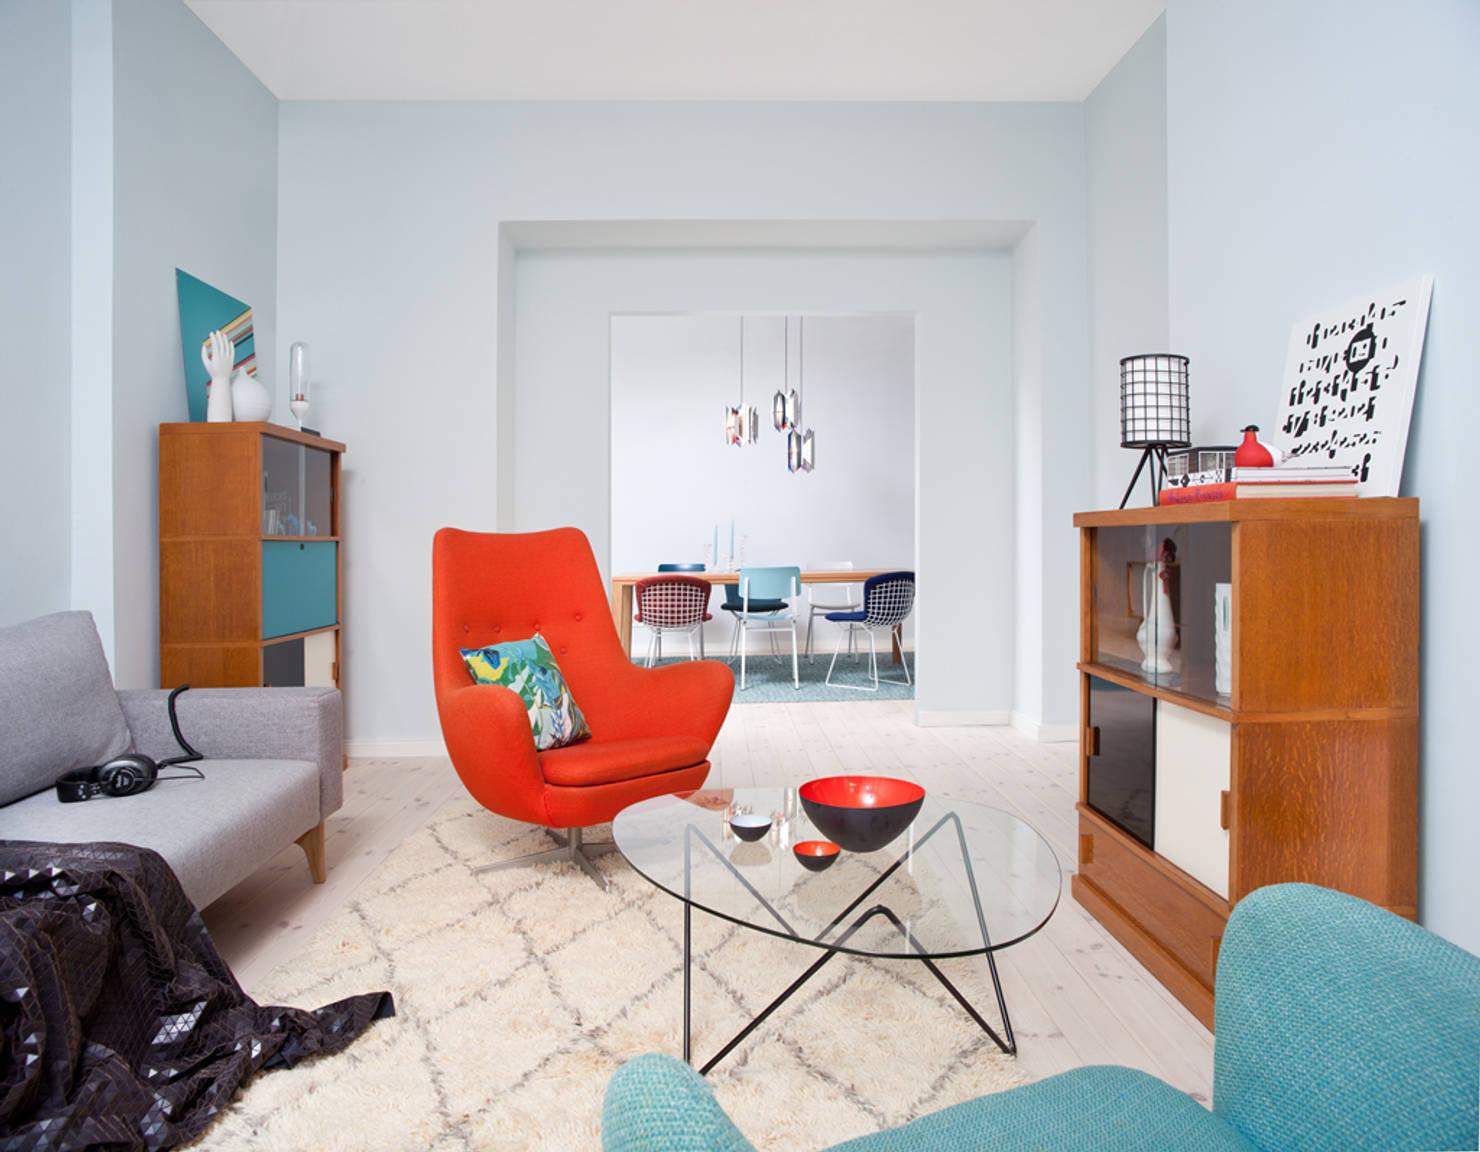 작은 집, 작은 예산으로 완성한 최고의 에클레틱 아파트